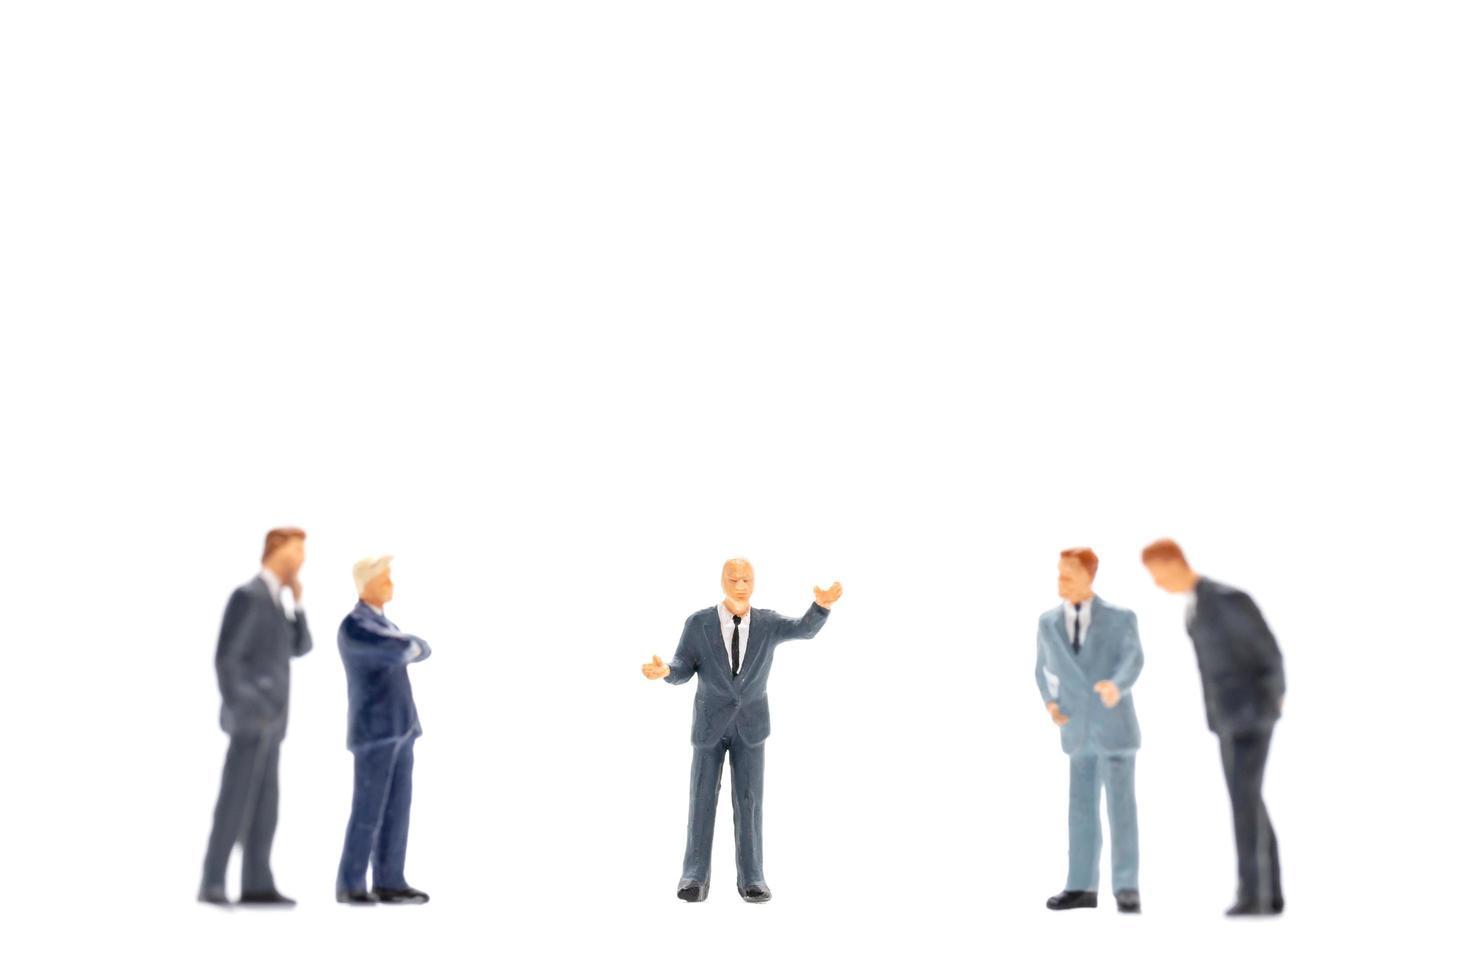 Miniaturfiguren von Geschäftsleuten, die auf weißem Hintergrund stehen foto